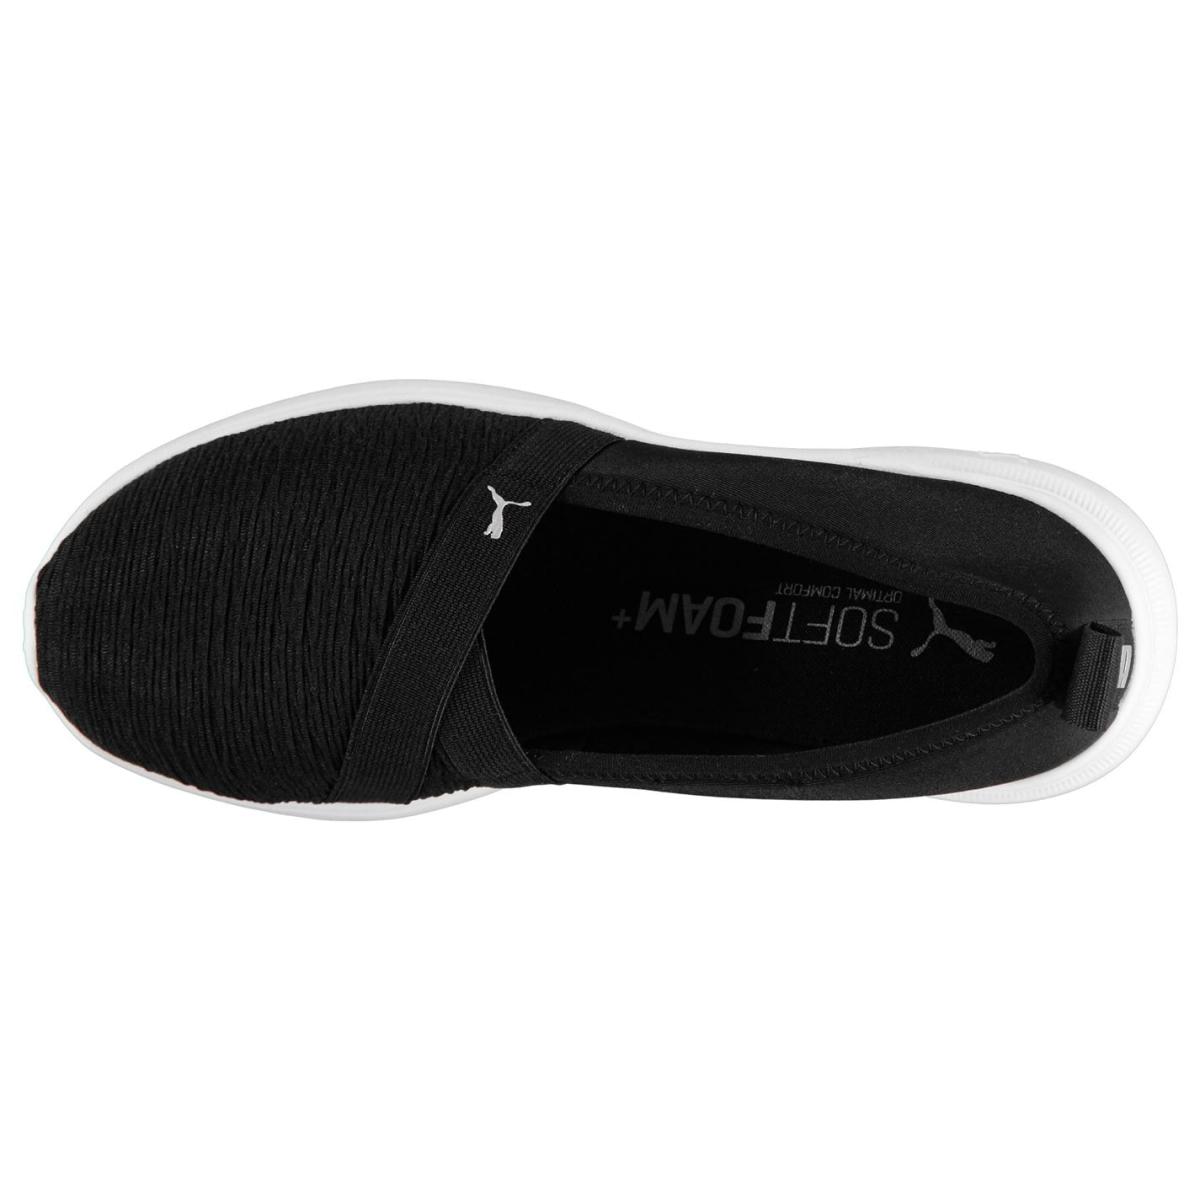 Puma-Adelina-Turnschuhe-Damen-Sneaker-Sportschuhe-Laufschuhe-5911 Indexbild 7